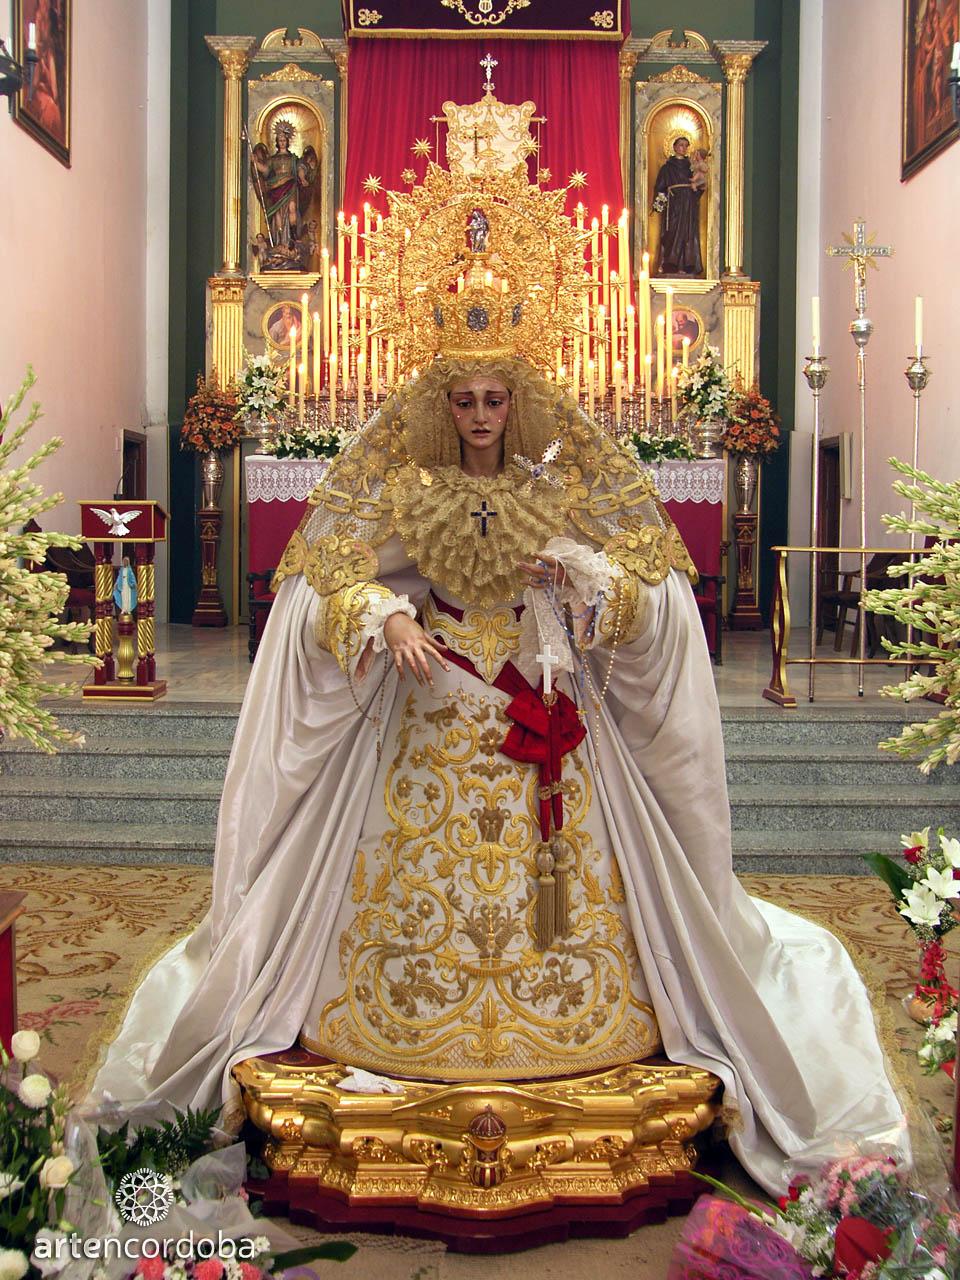 Nuestra Madre y Señora Santa María de la Merced - Hermandad de La Merced en Córdoba